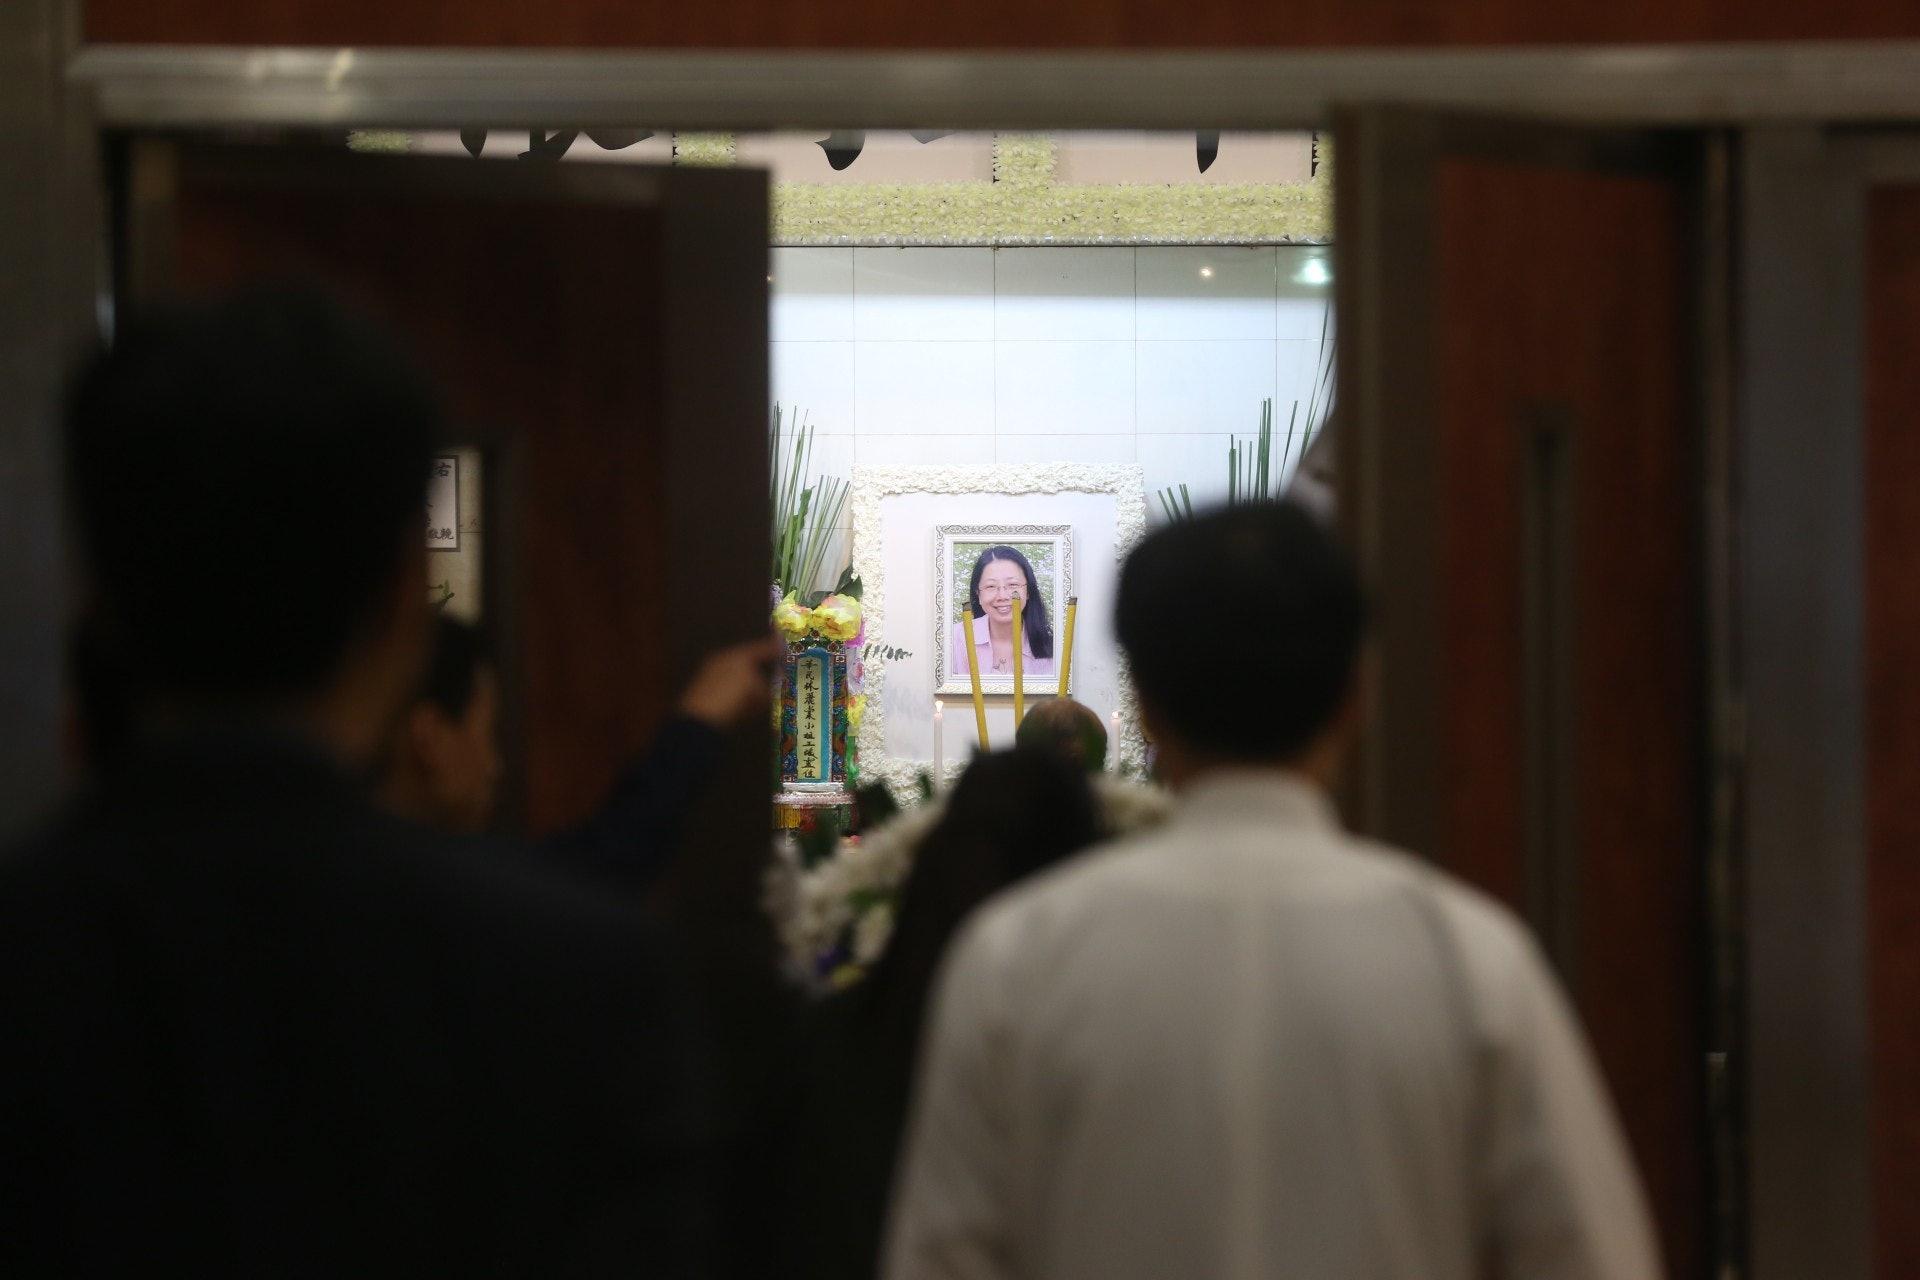 靈堂中央擺放遺照,相中林麗棠老師身穿粉紅色衫,長髮及肩,露齒微笑。(王譯揚攝)